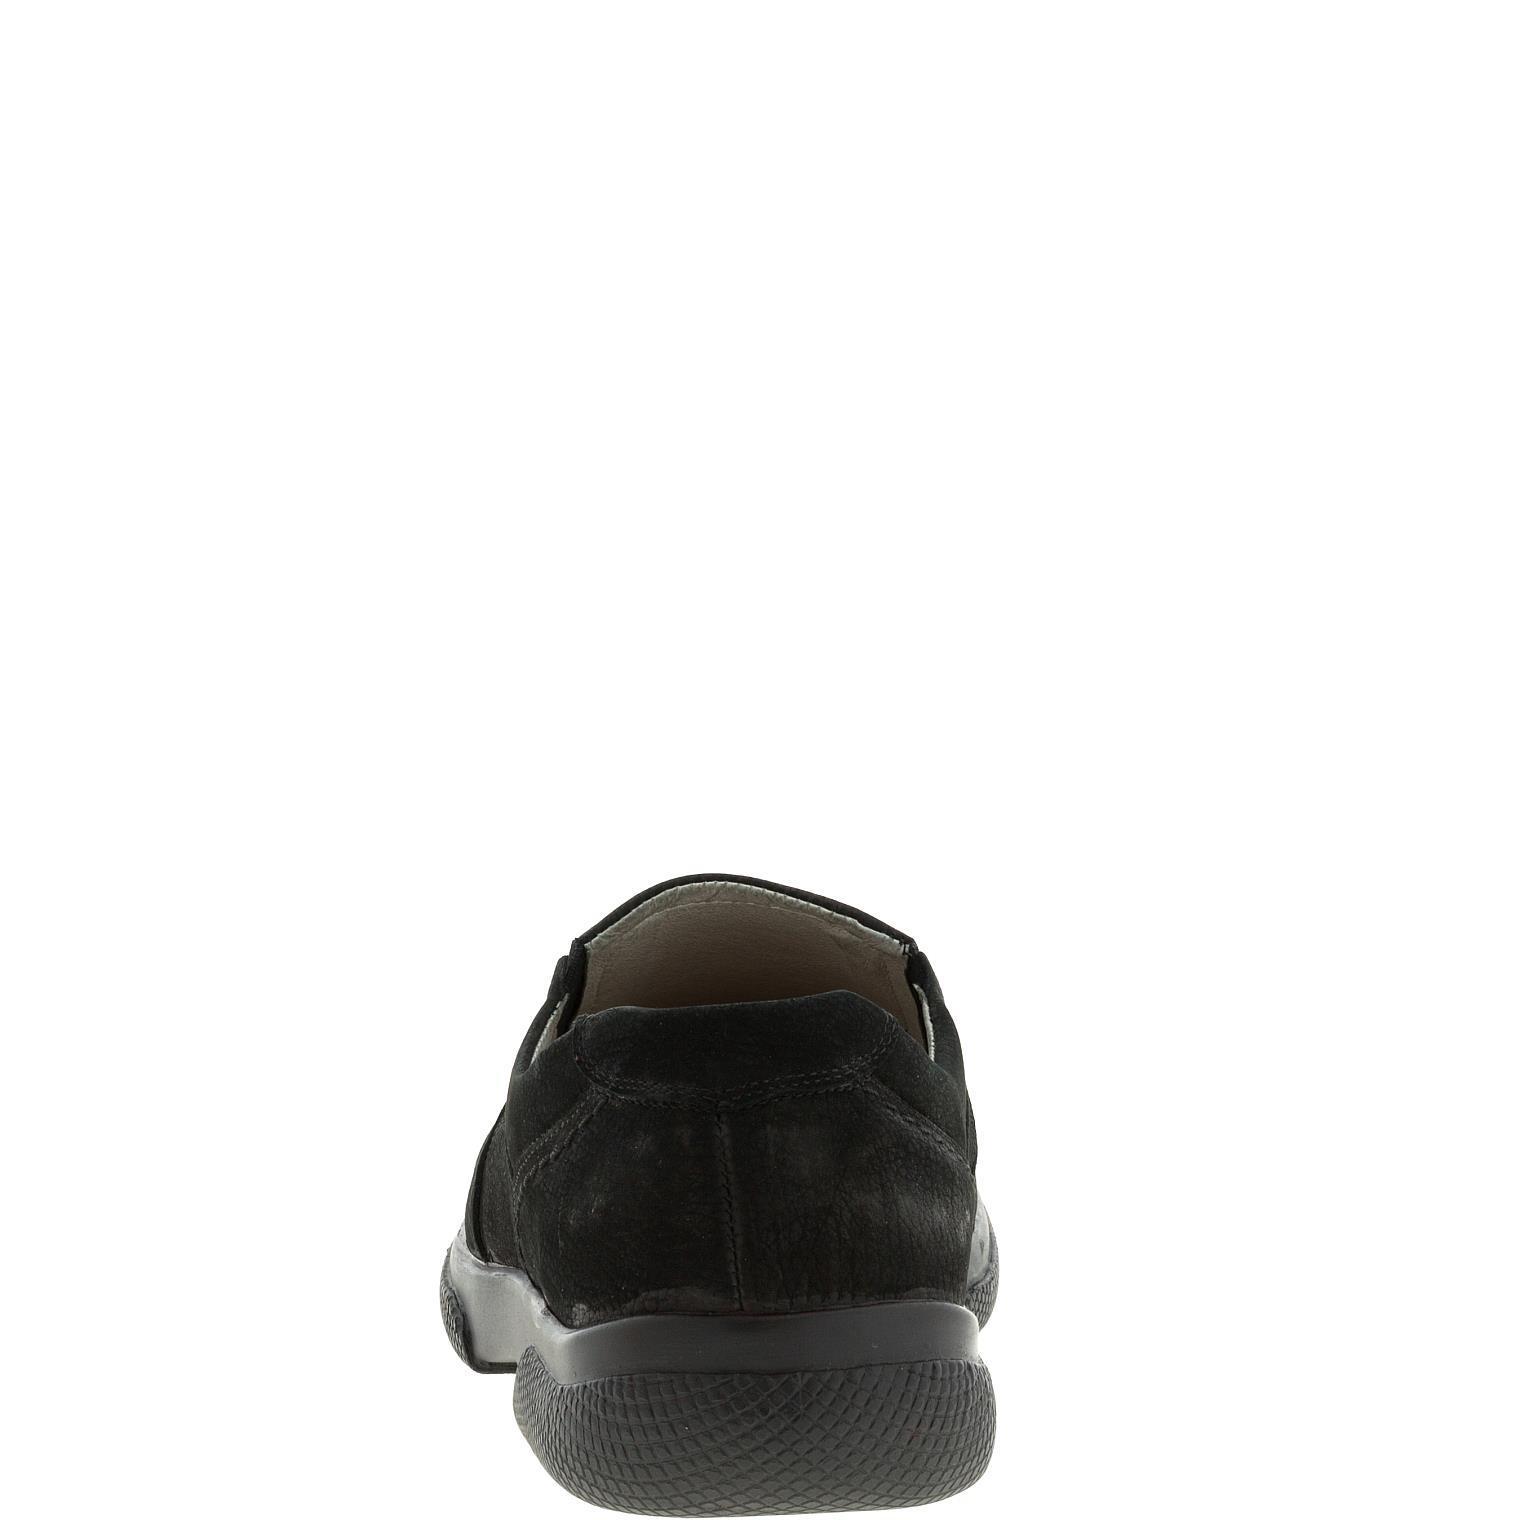 582367 полуботинки мужские нубук больших размеров марки Делфино